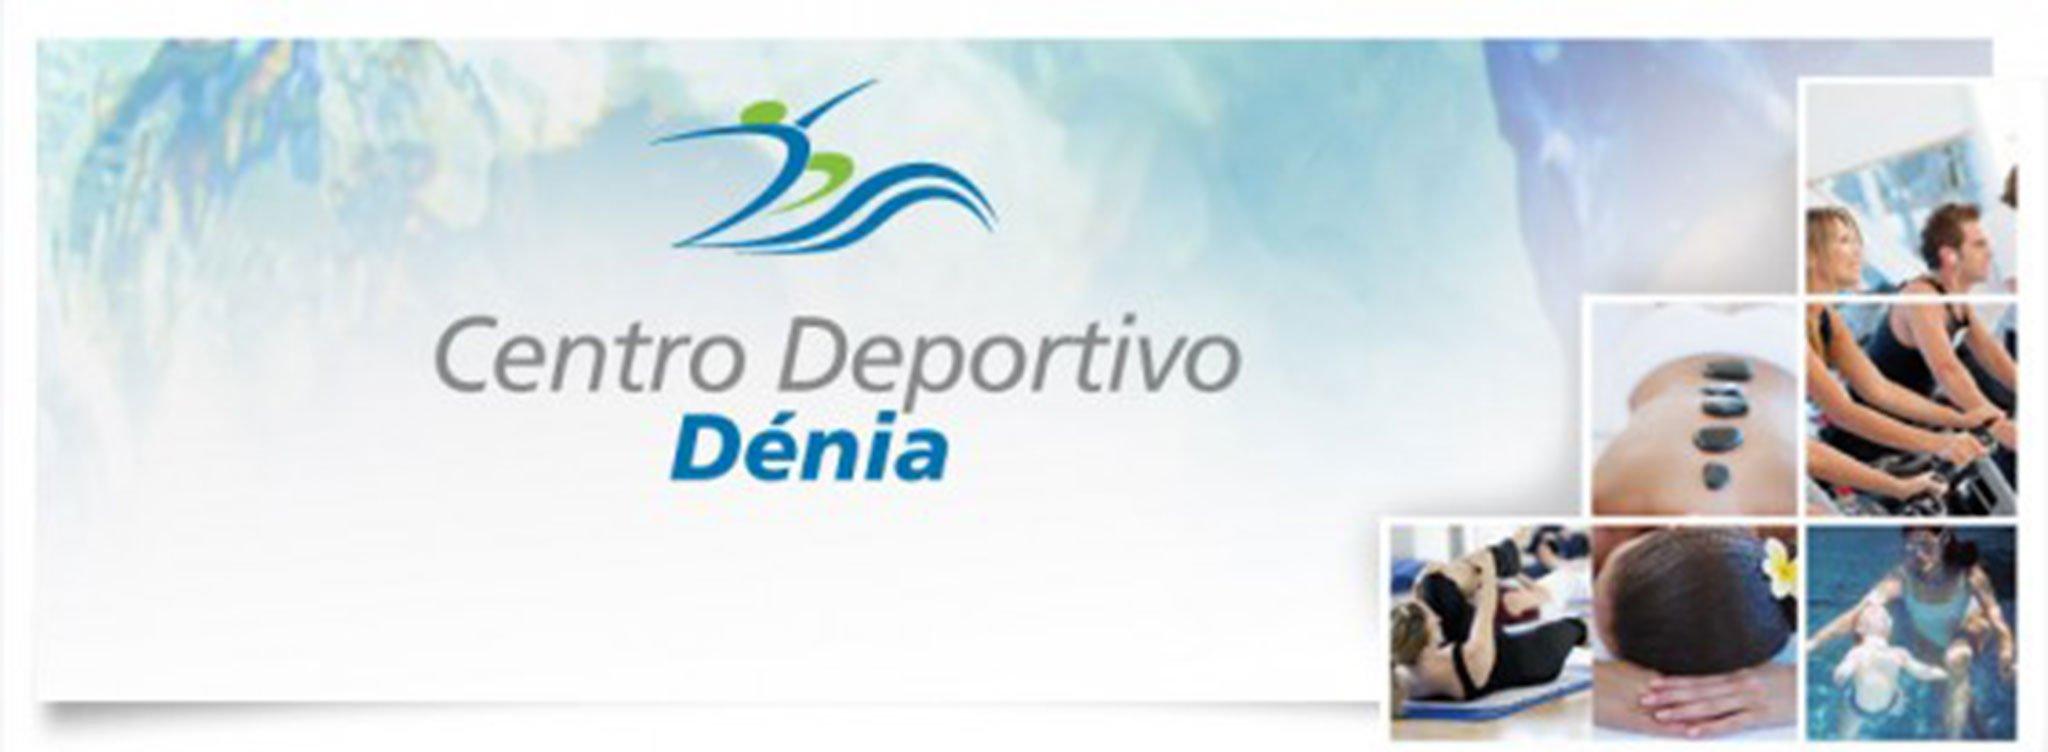 Logotipo Centro Deportivo Dénia